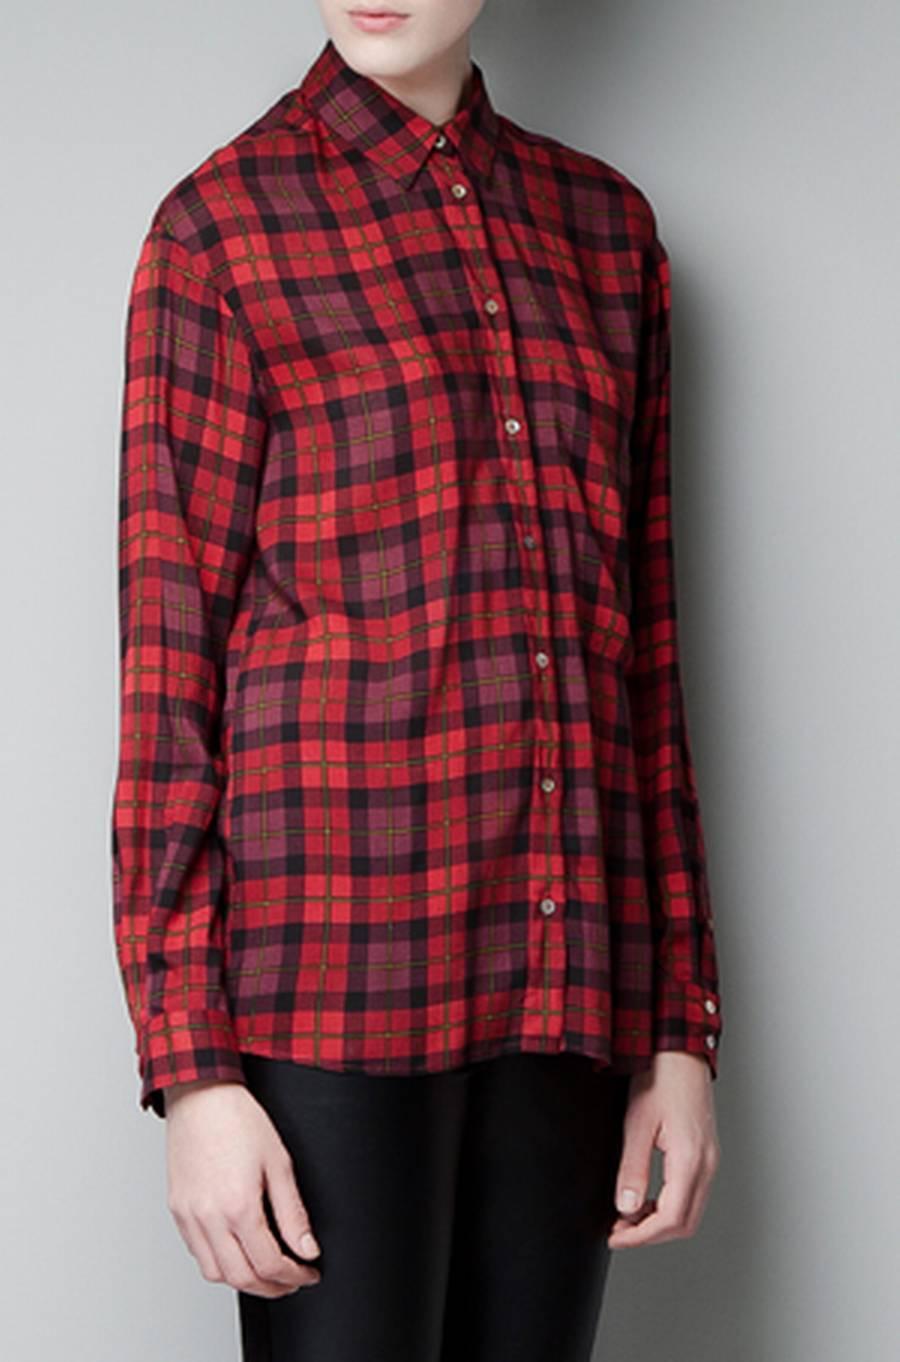 Tern fra ZaraSet hos Zara.com til ca. 300 kr.